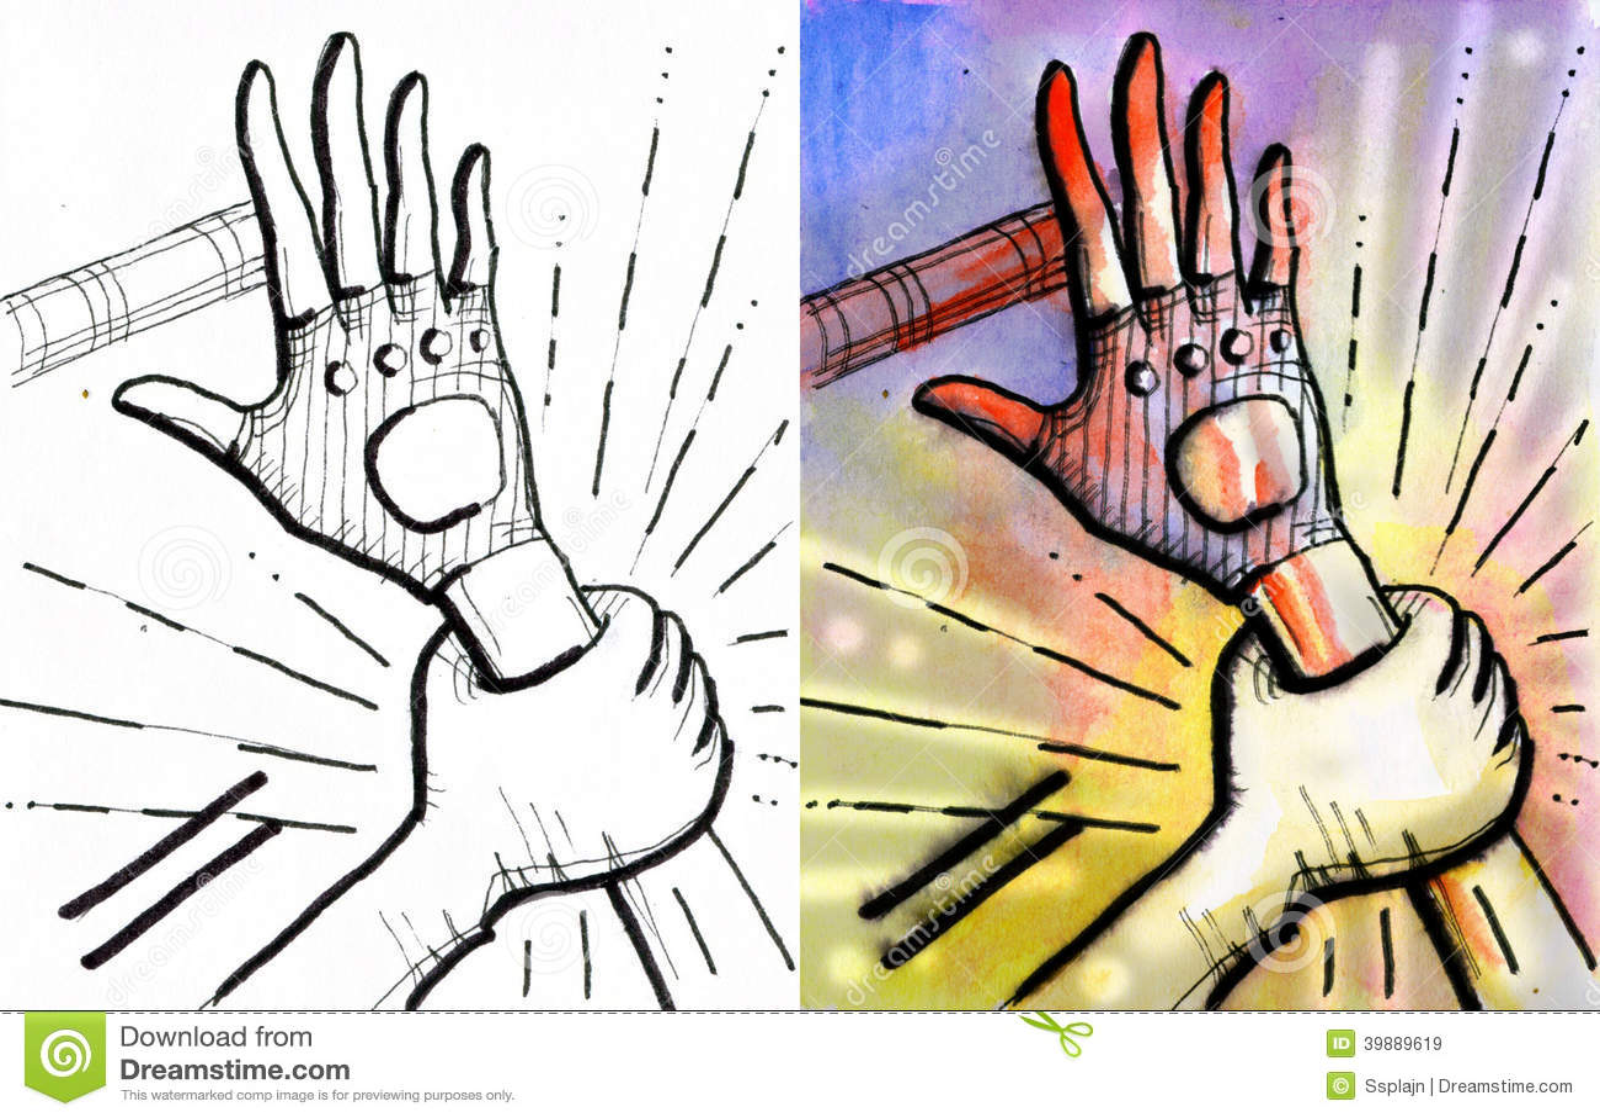 举行另一个,与冲击线的一只手.停止它.血淋淋的手指.